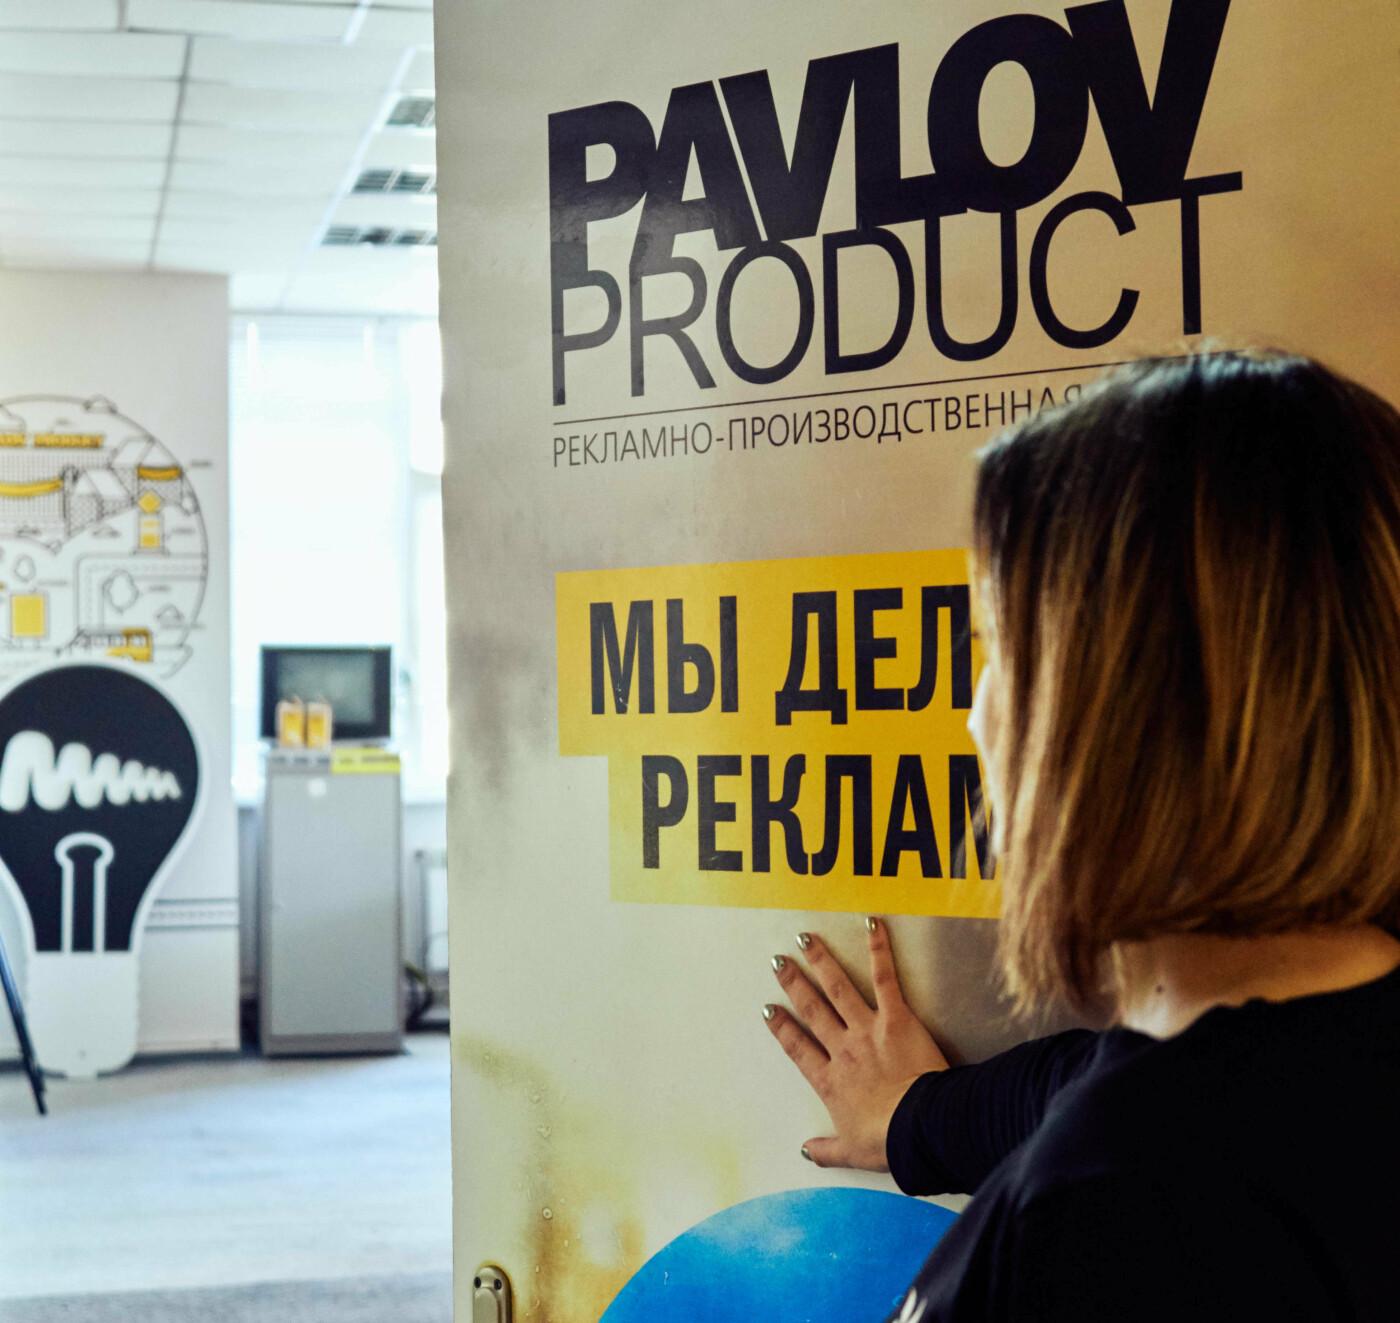 Компания Pavlov.ua вошла в ТОП 100 лучших digital-агентств Украины, фото-3